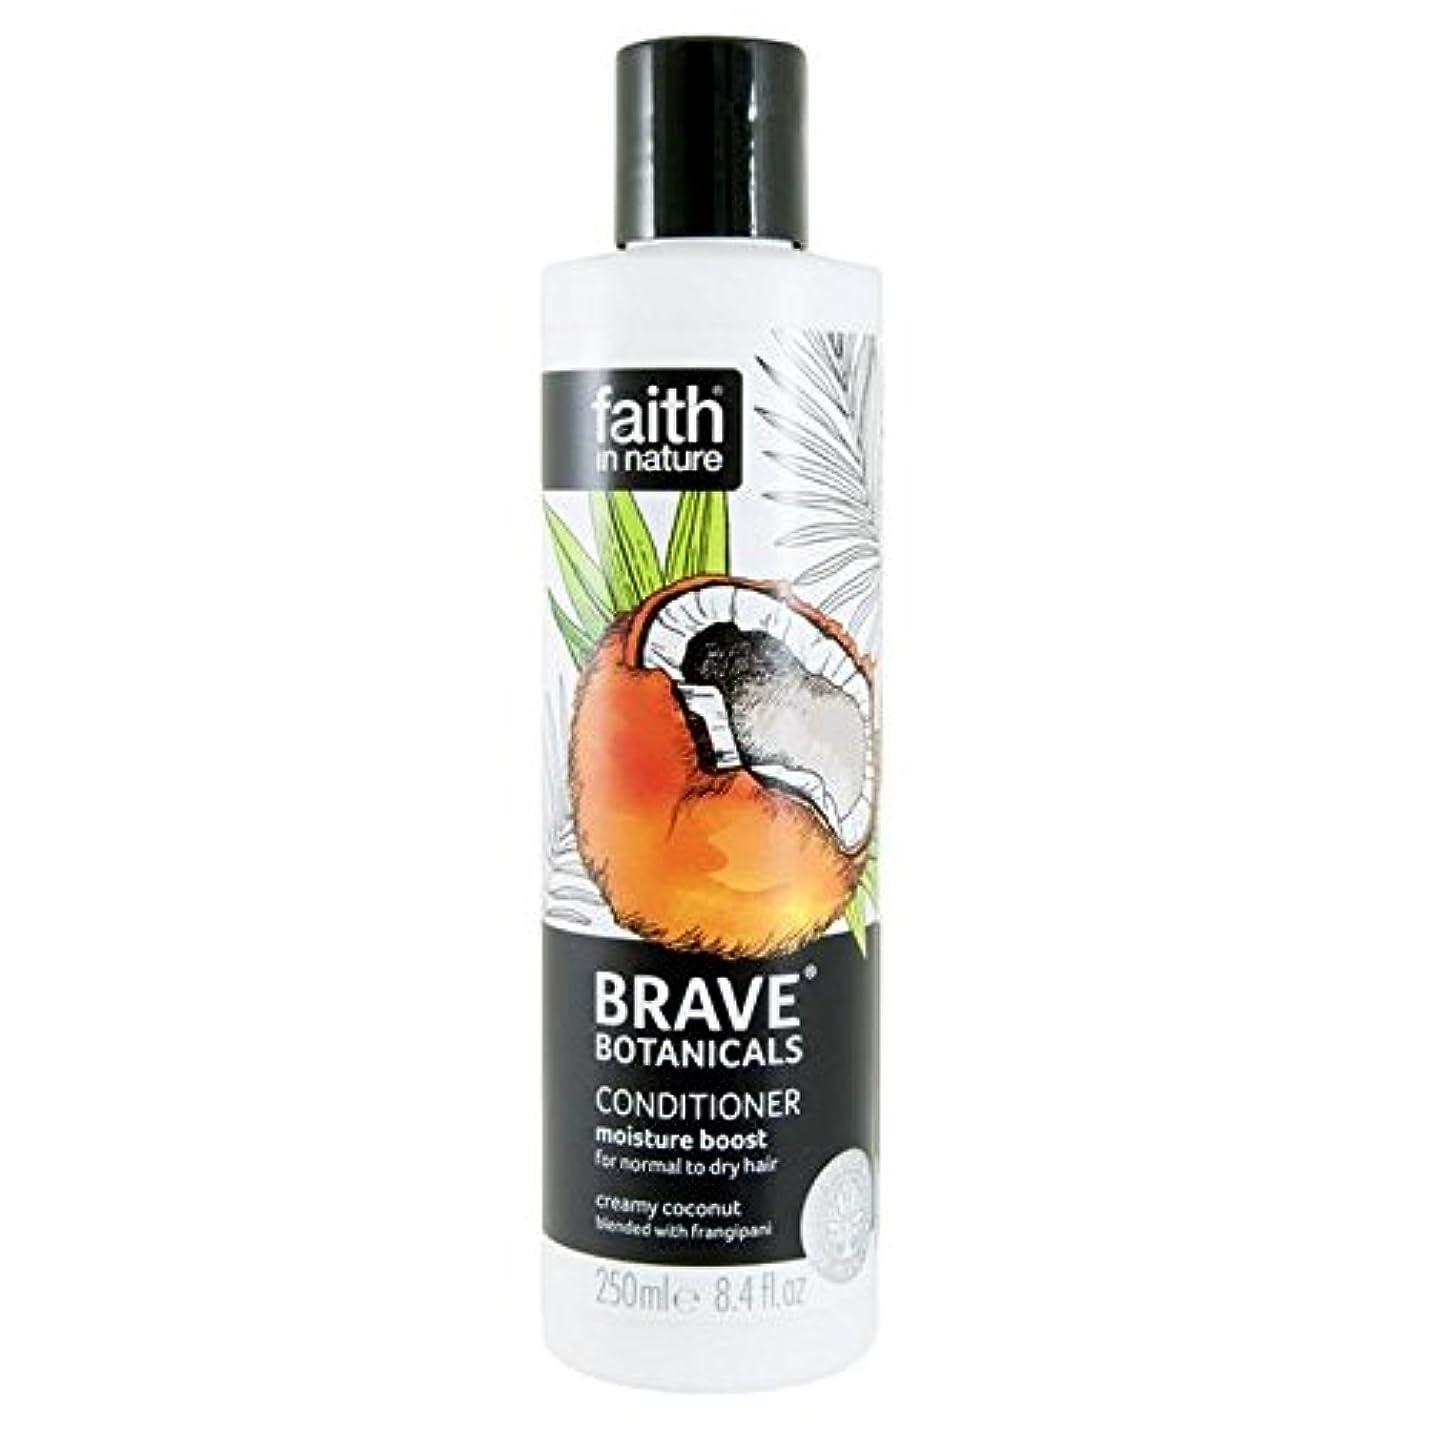 ユダヤ人ジュニア湾Brave Botanicals Coconut & Frangipani Moisture Boost Conditioner 250ml (Pack of 4) - (Faith In Nature) 勇敢な植物ココナッツ...